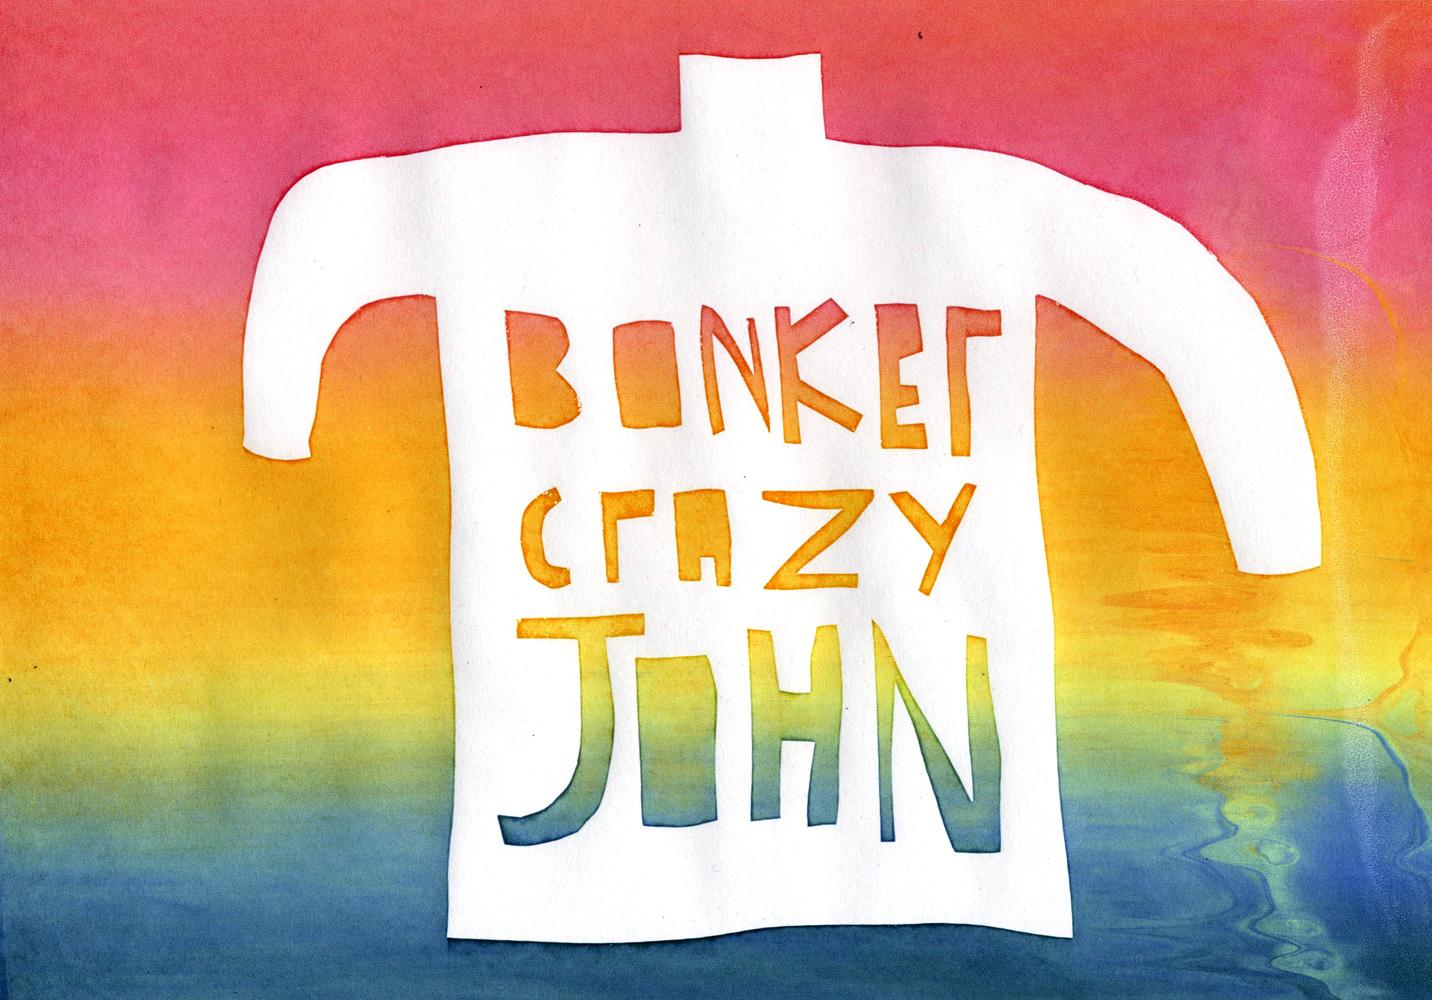 Bonker Crazy John by Neil